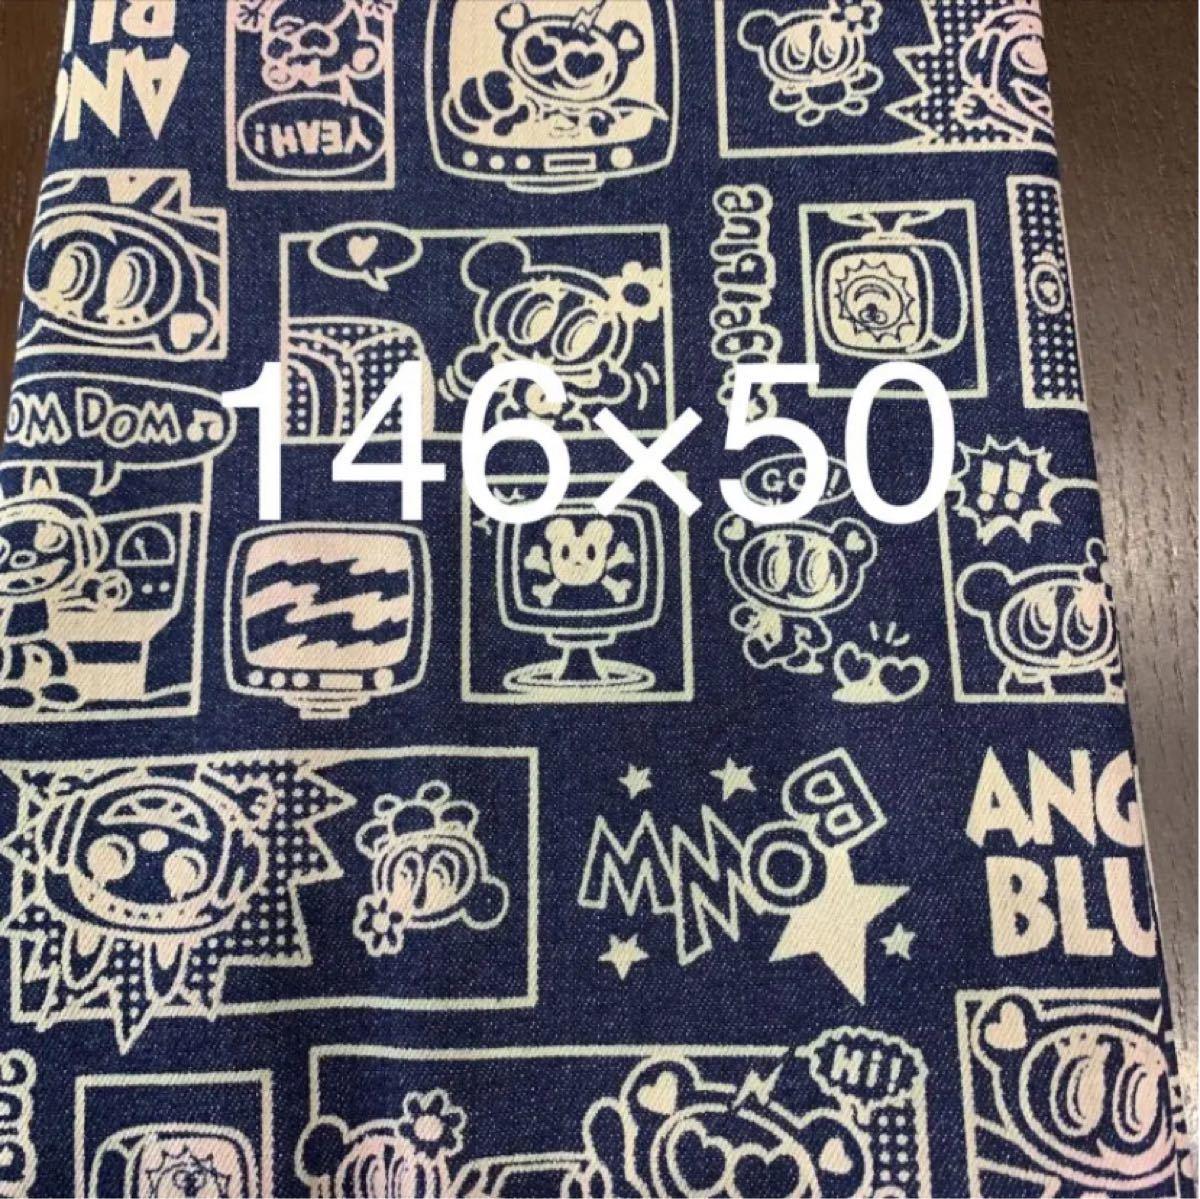 xgspx様専用☆60 ミッキー&エンジェルブルーデニム